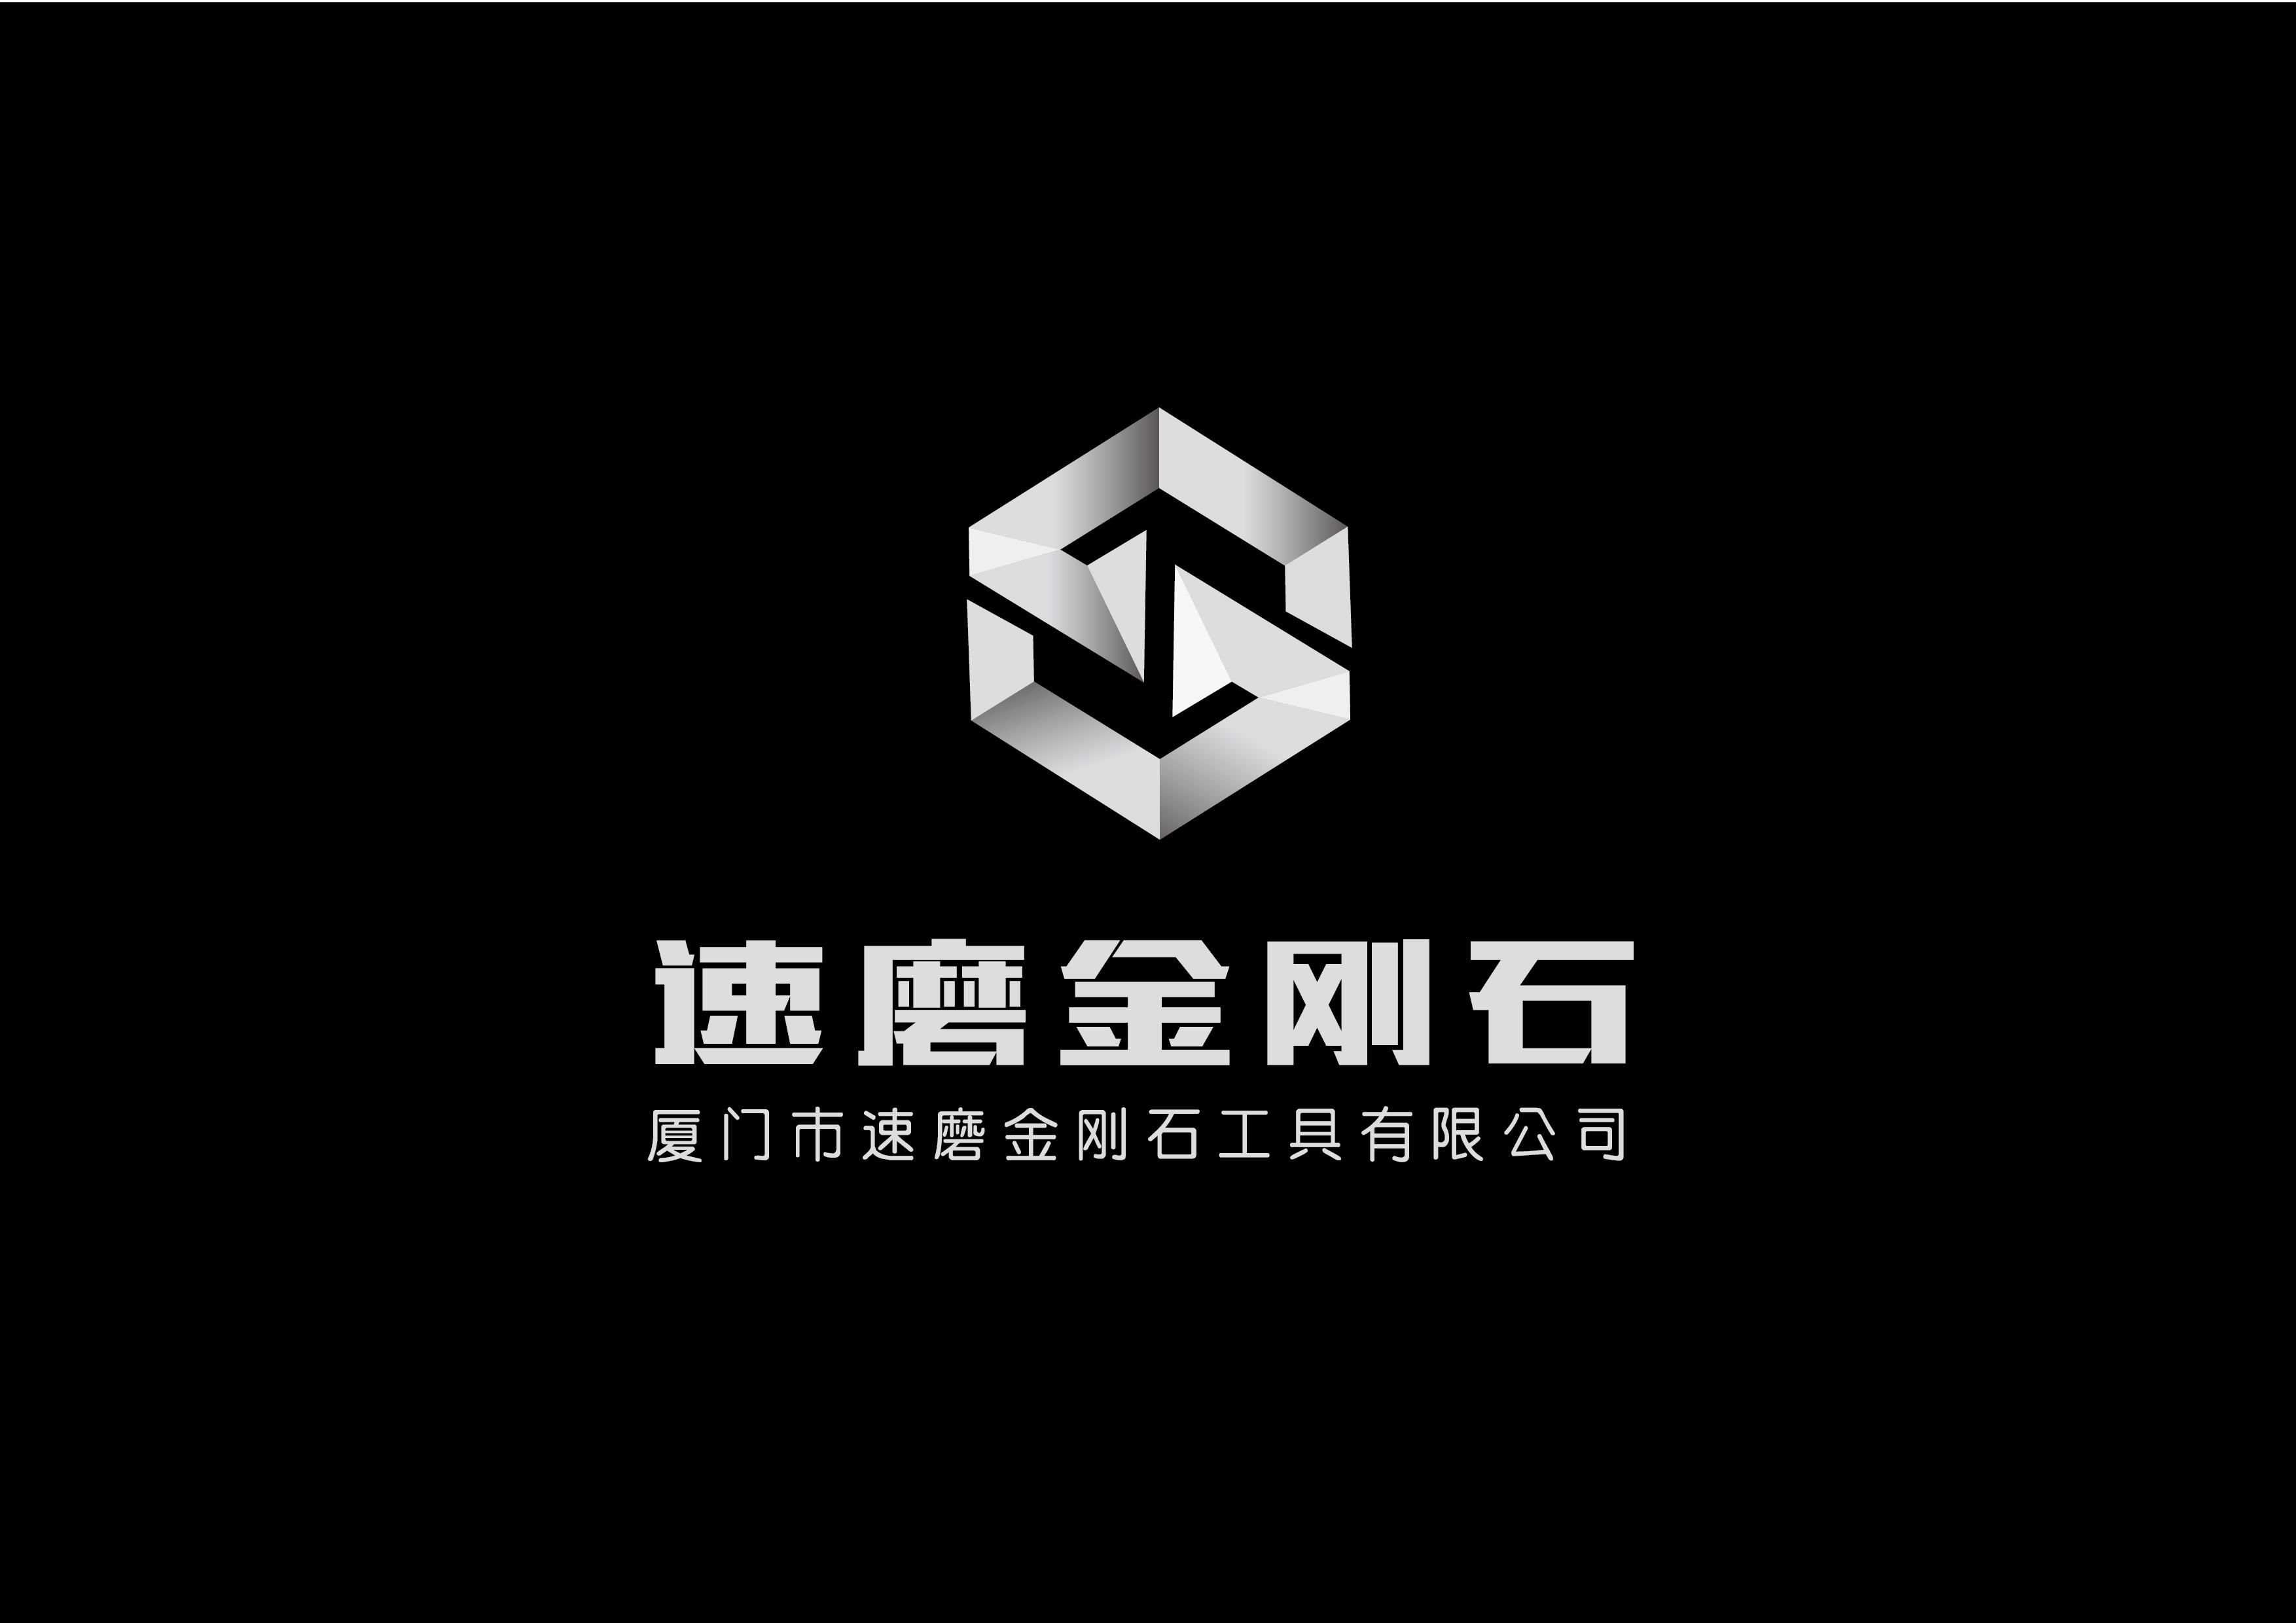 00 速磨金刚石工具限公司logo征集